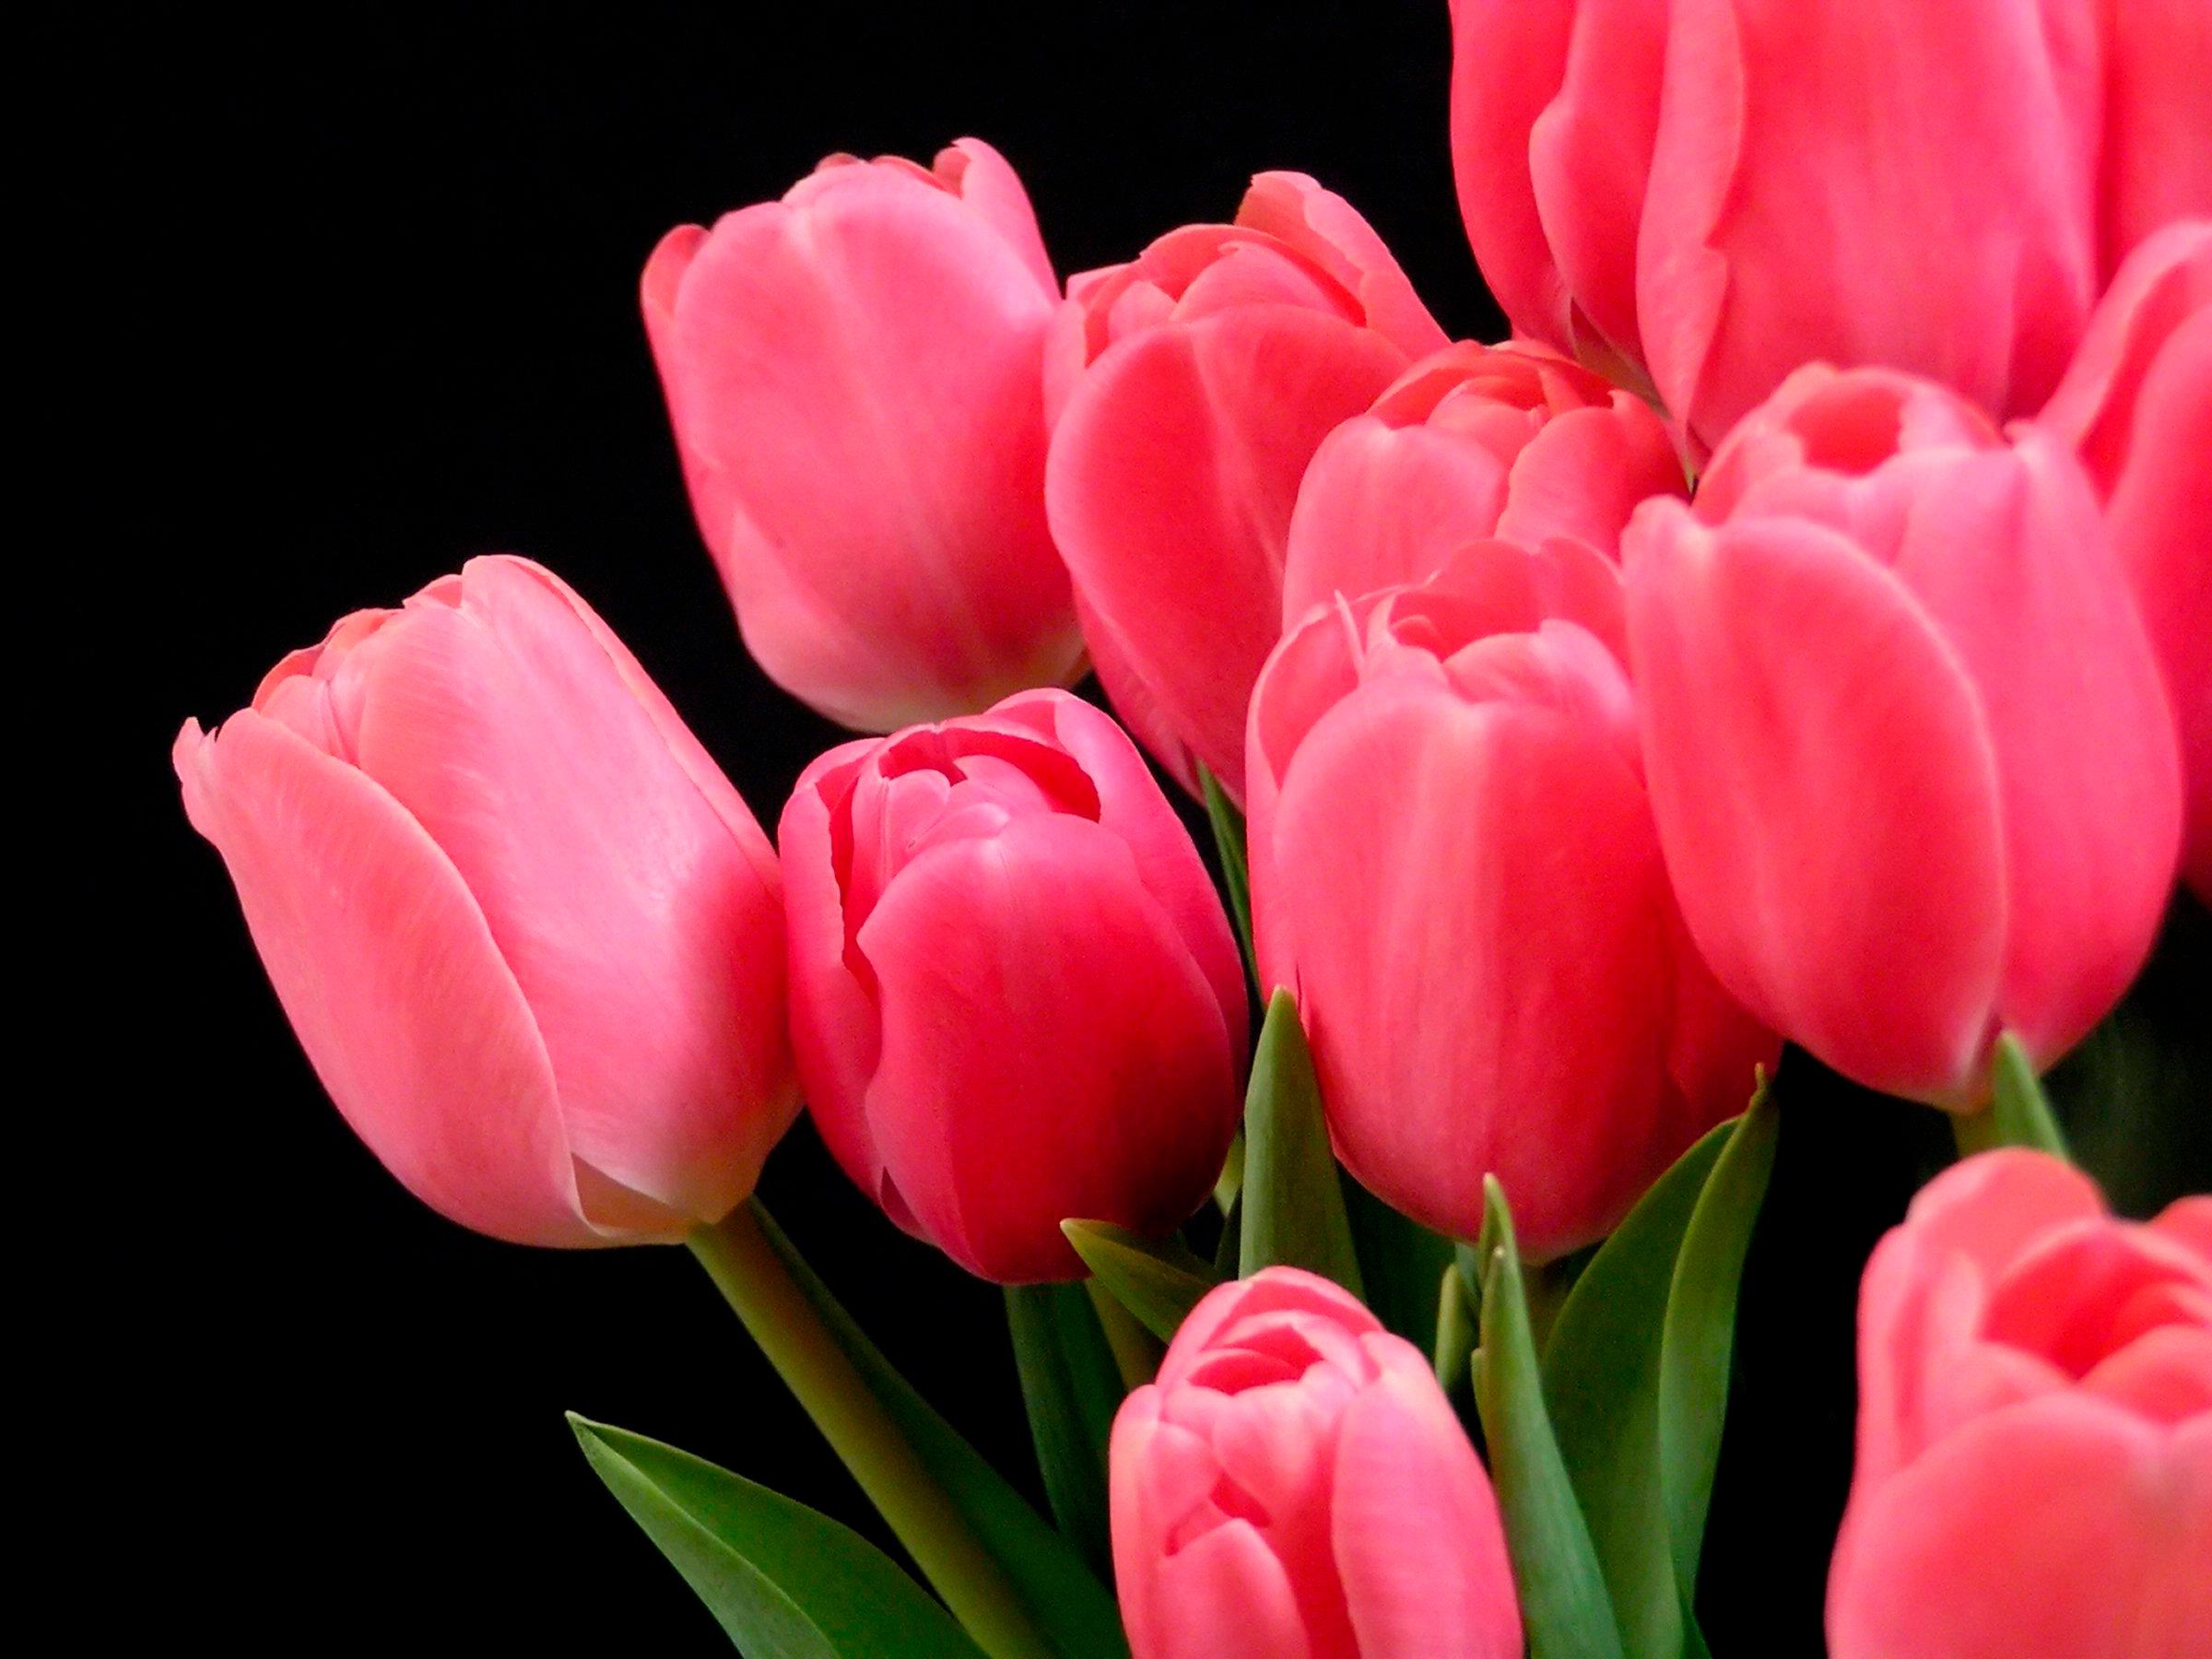 tulip-photo-143